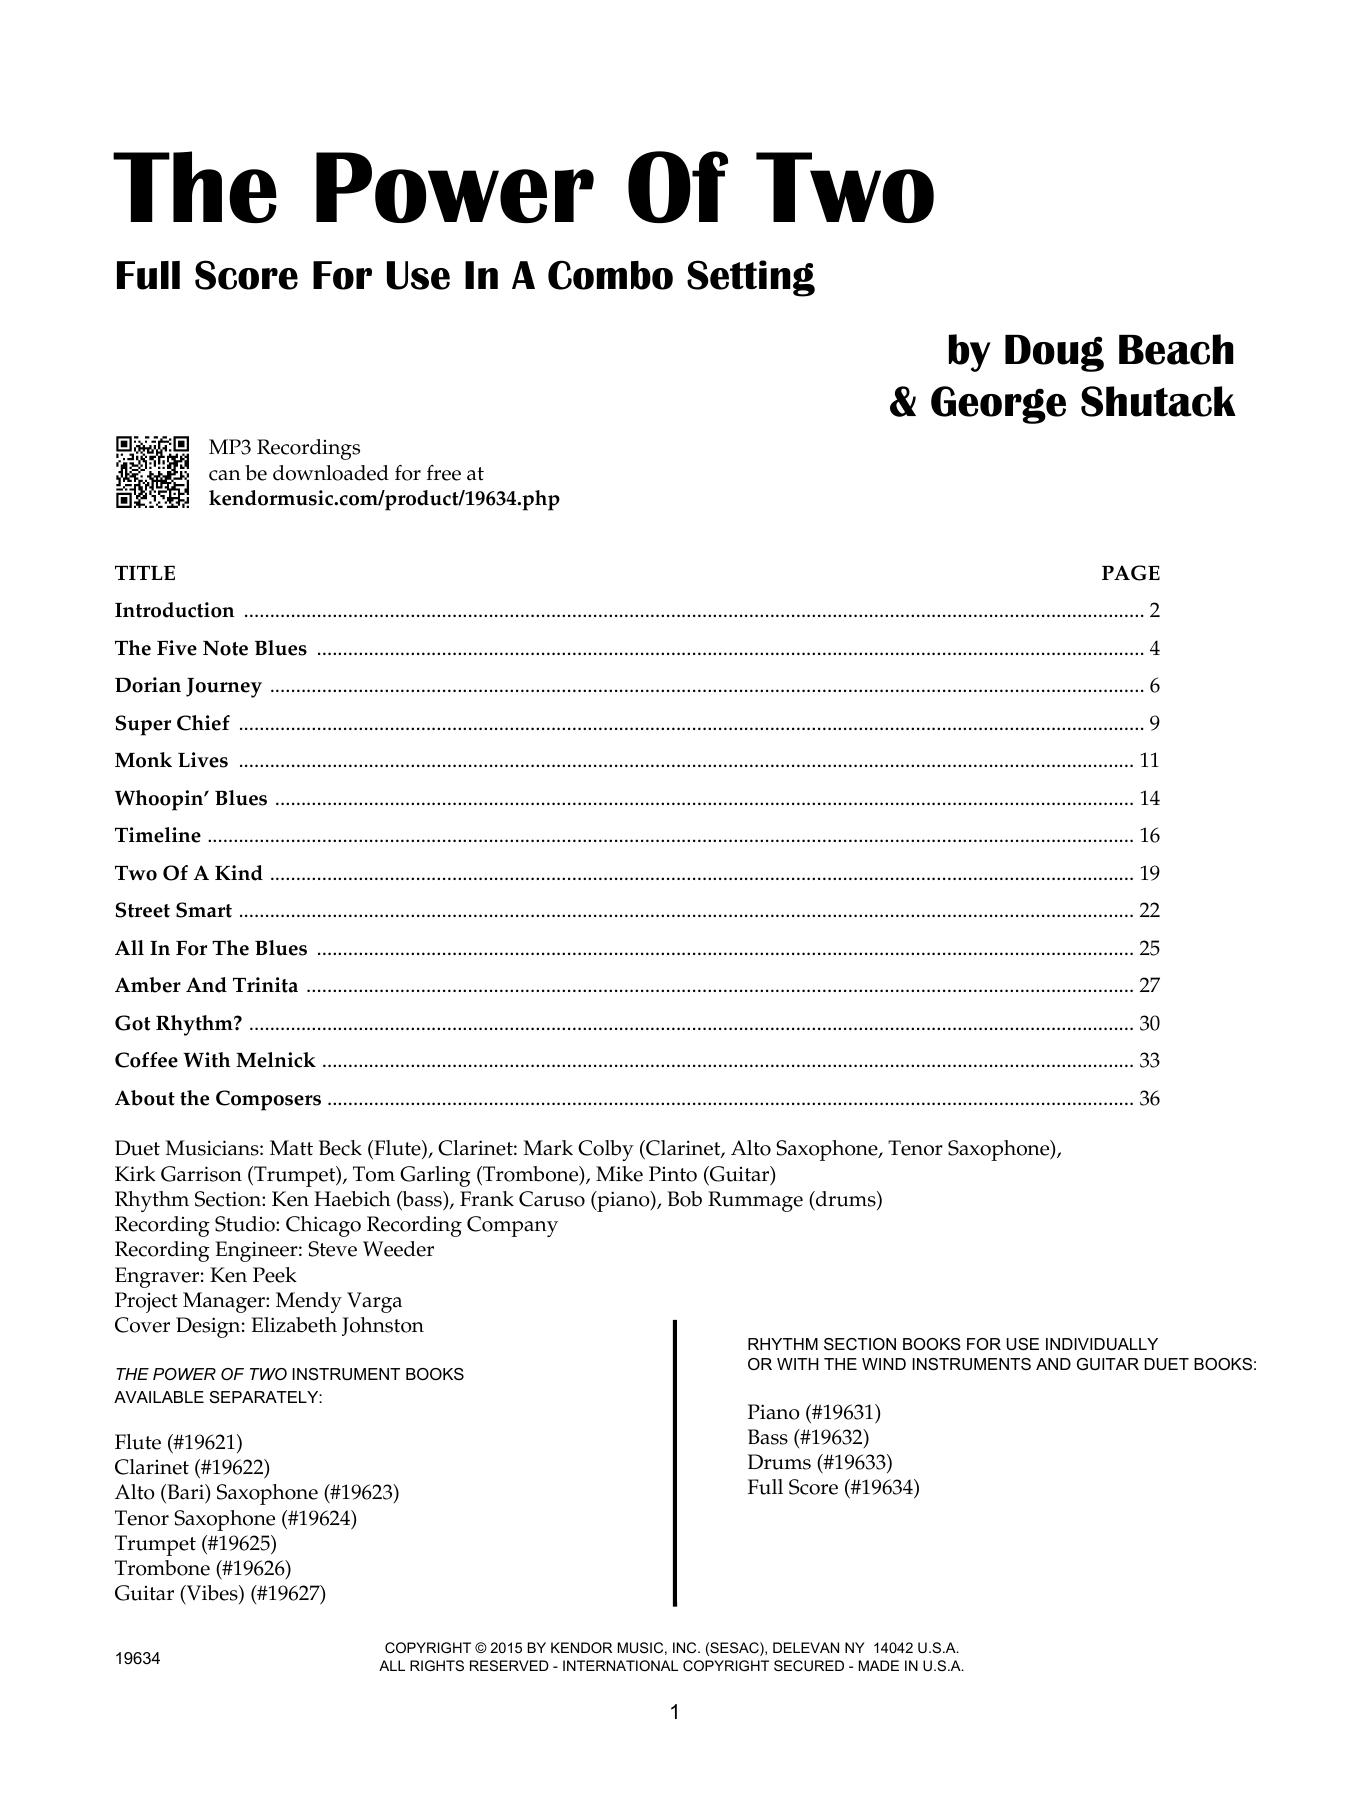 The Power Of Two - Full Score - Full Score Sheet Music